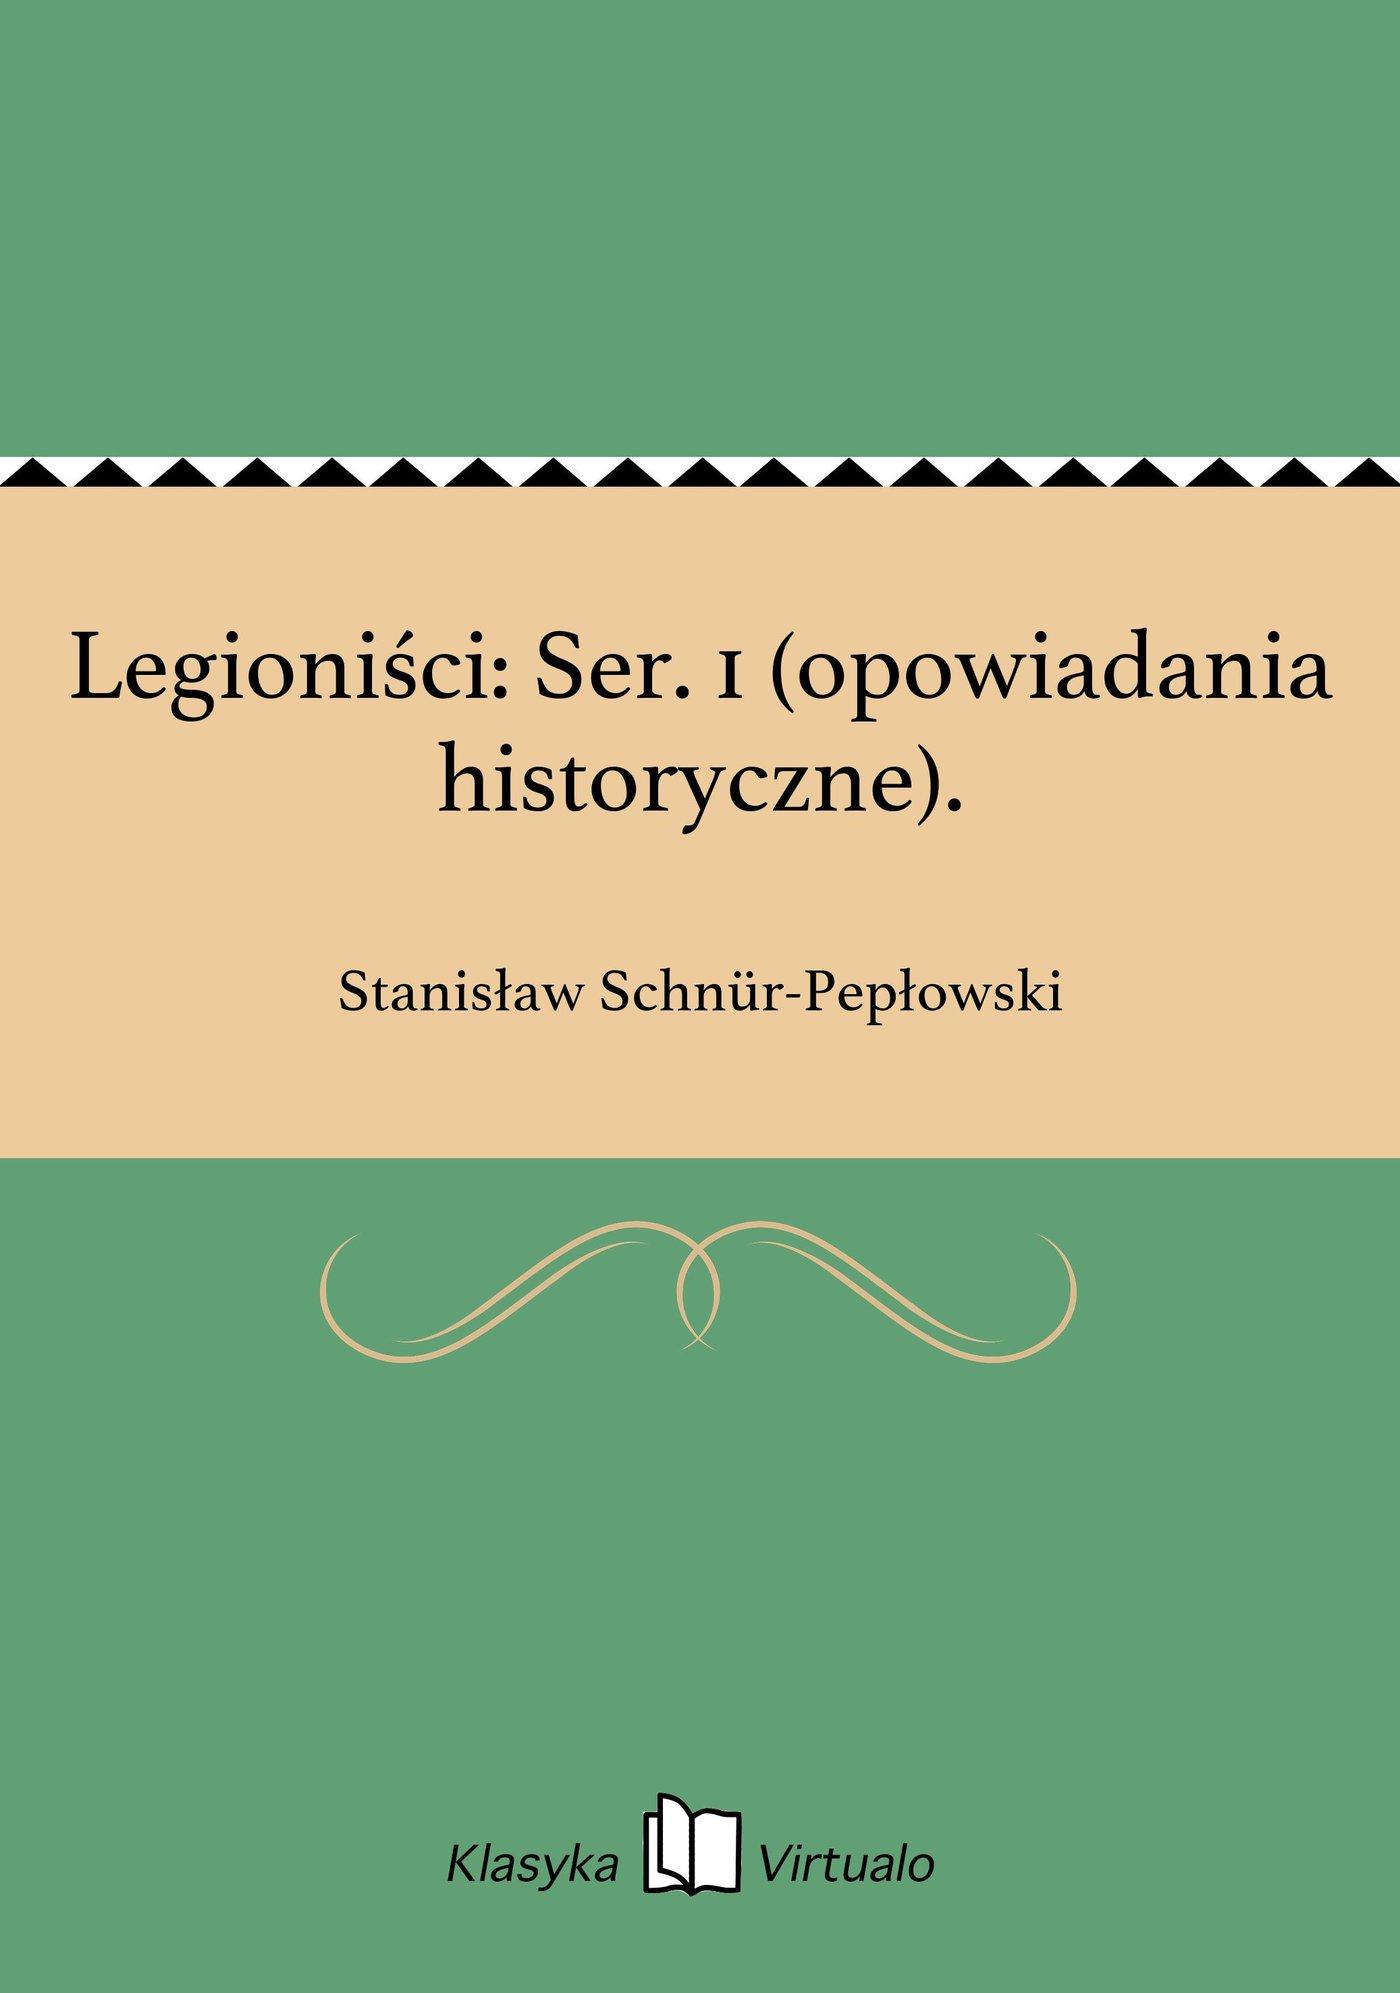 Legioniści: Ser. 1 (opowiadania historyczne). - Ebook (Książka EPUB) do pobrania w formacie EPUB